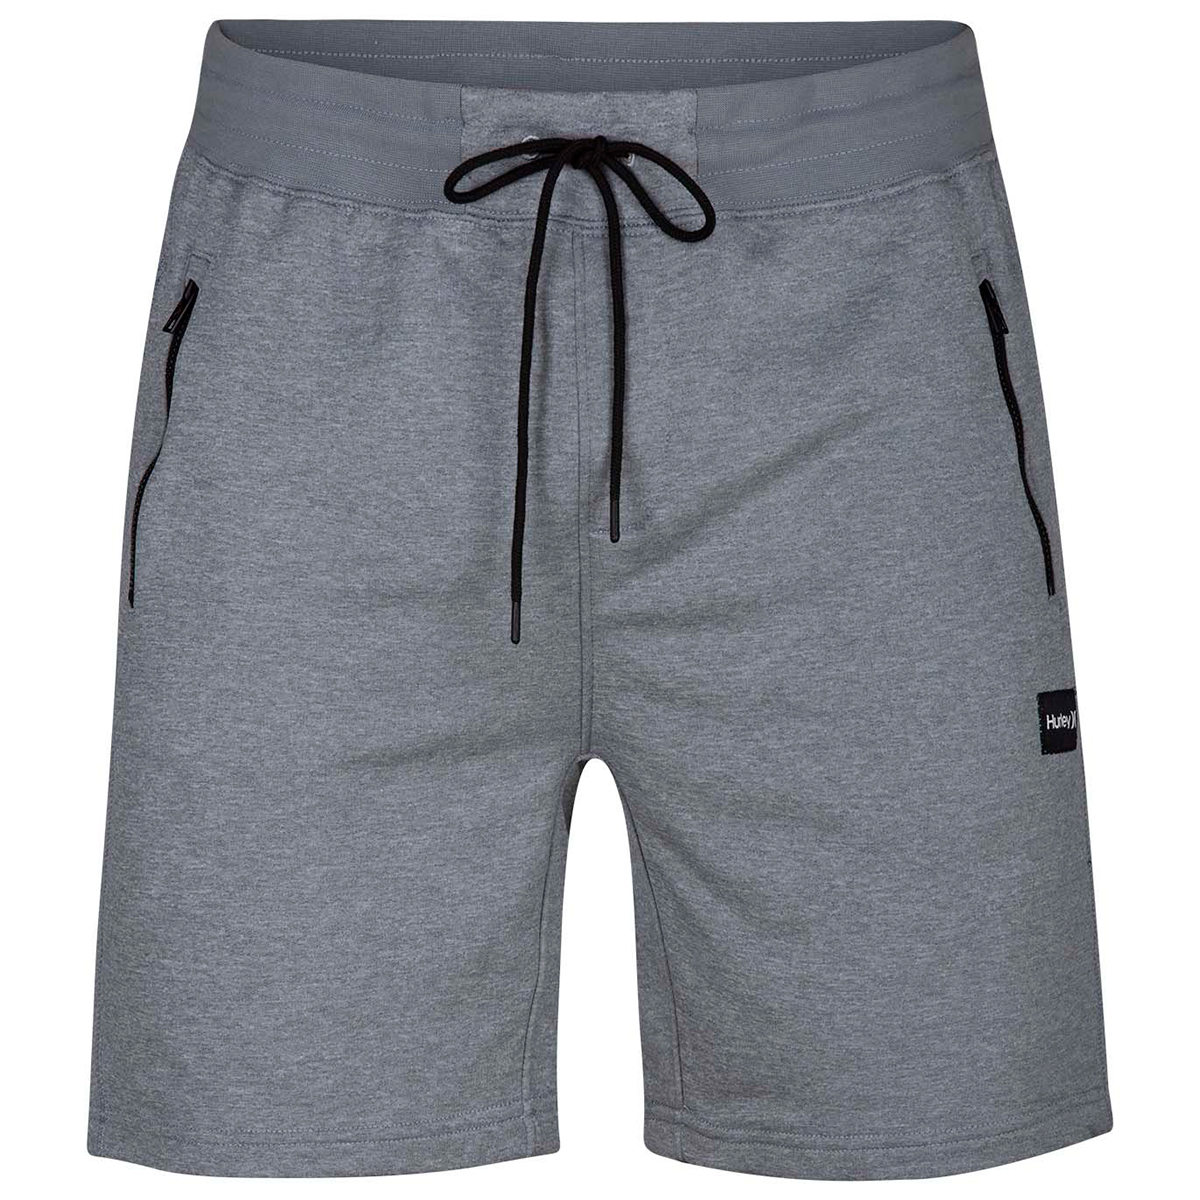 Hurley Men's Dri-Fit Disperse Shorts - Black, XL